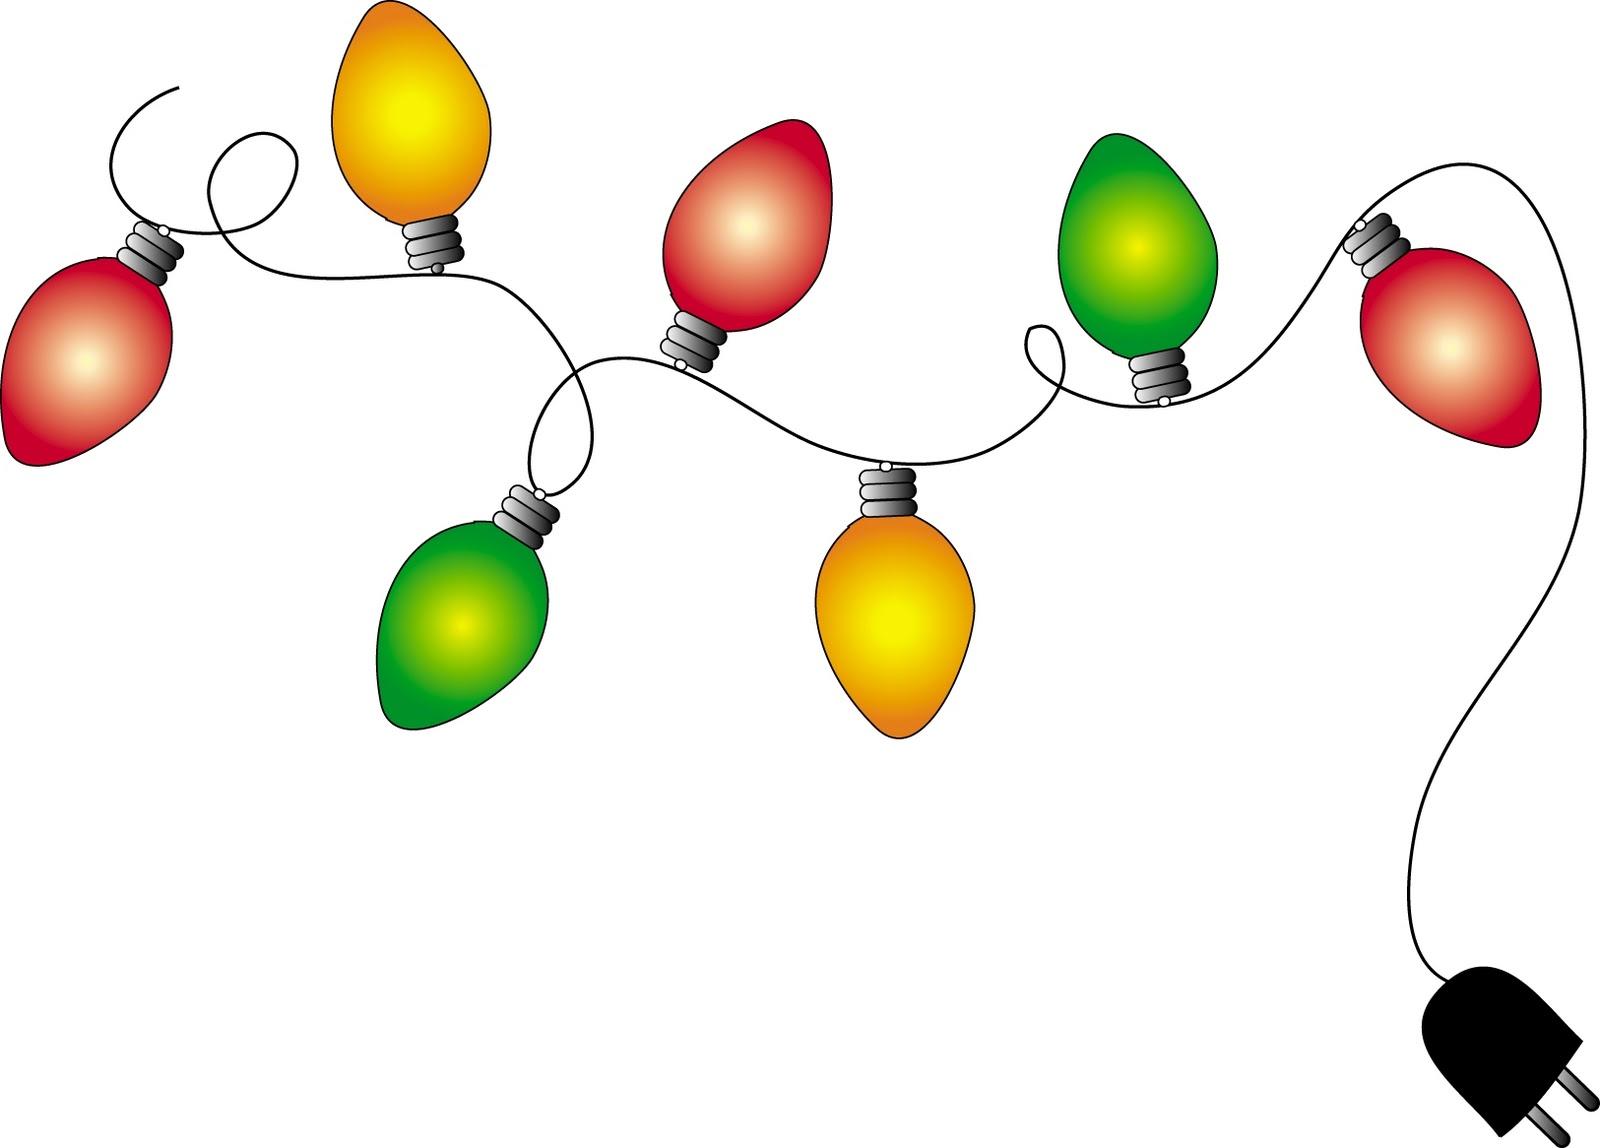 Lights Clip Art Http Www Dailyclipart Ne-Lights Clip Art Http Www Dailyclipart Net Clipart Christmas Lights-18